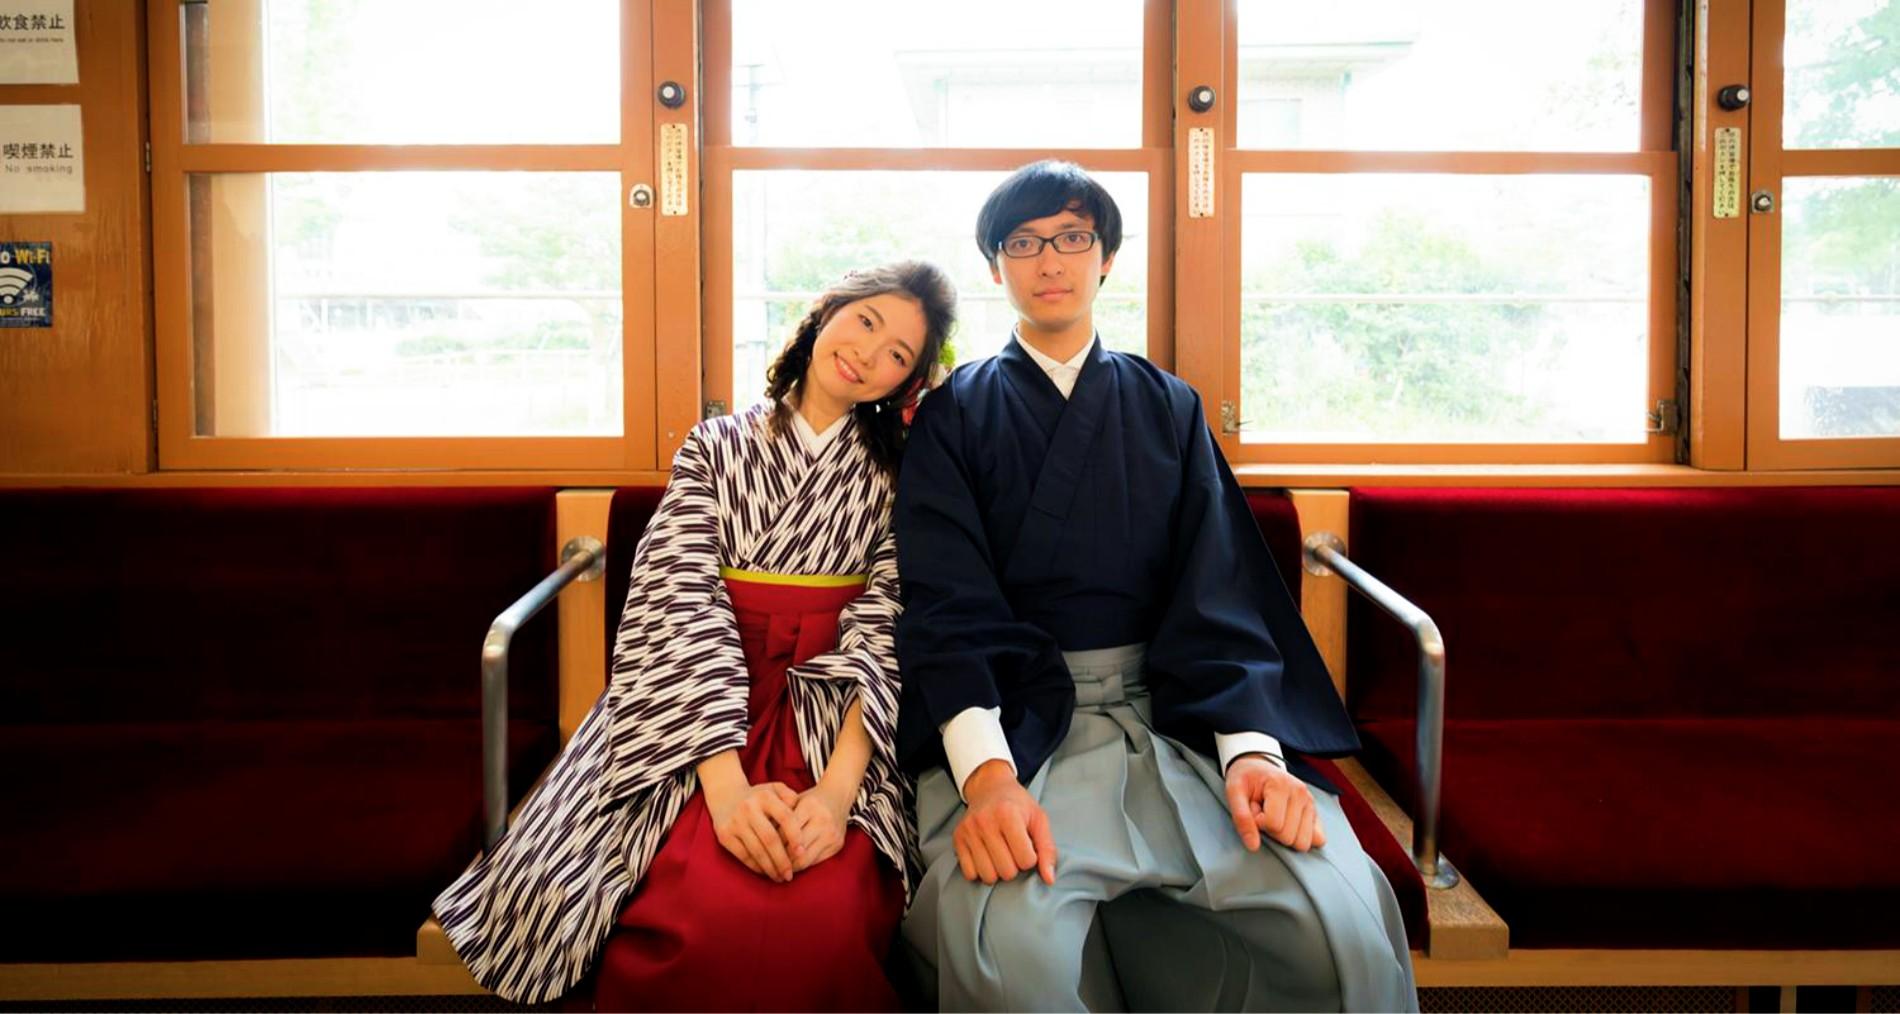 Kyoto Kimono and Kamogawa